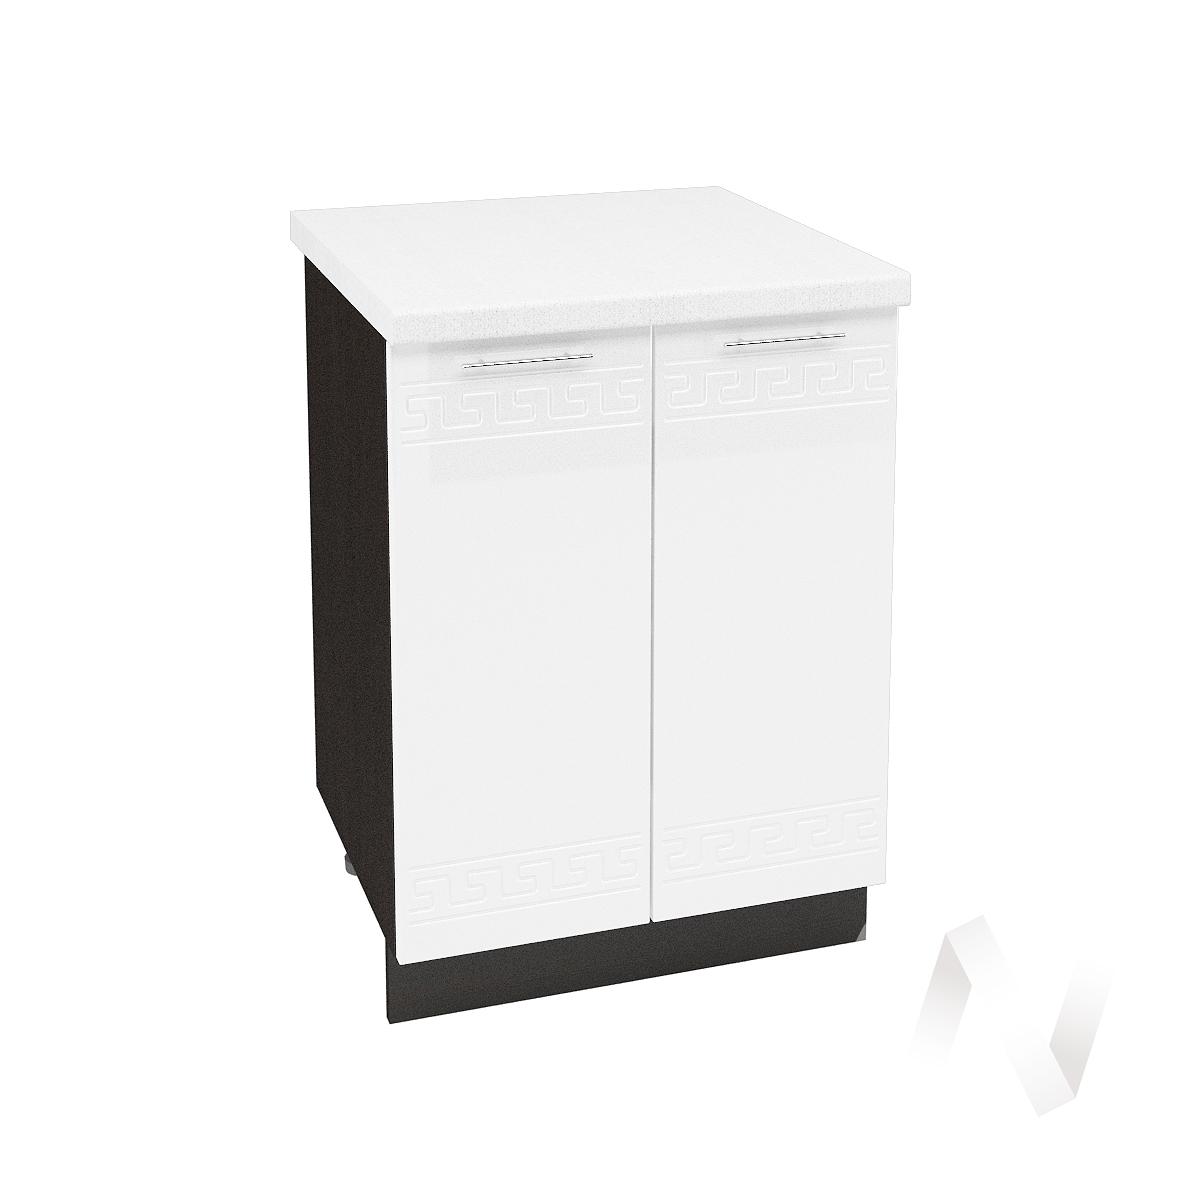 """Кухня """"Греция"""": Шкаф нижний 600, ШН 600 (белый металлик/корпус венге)"""